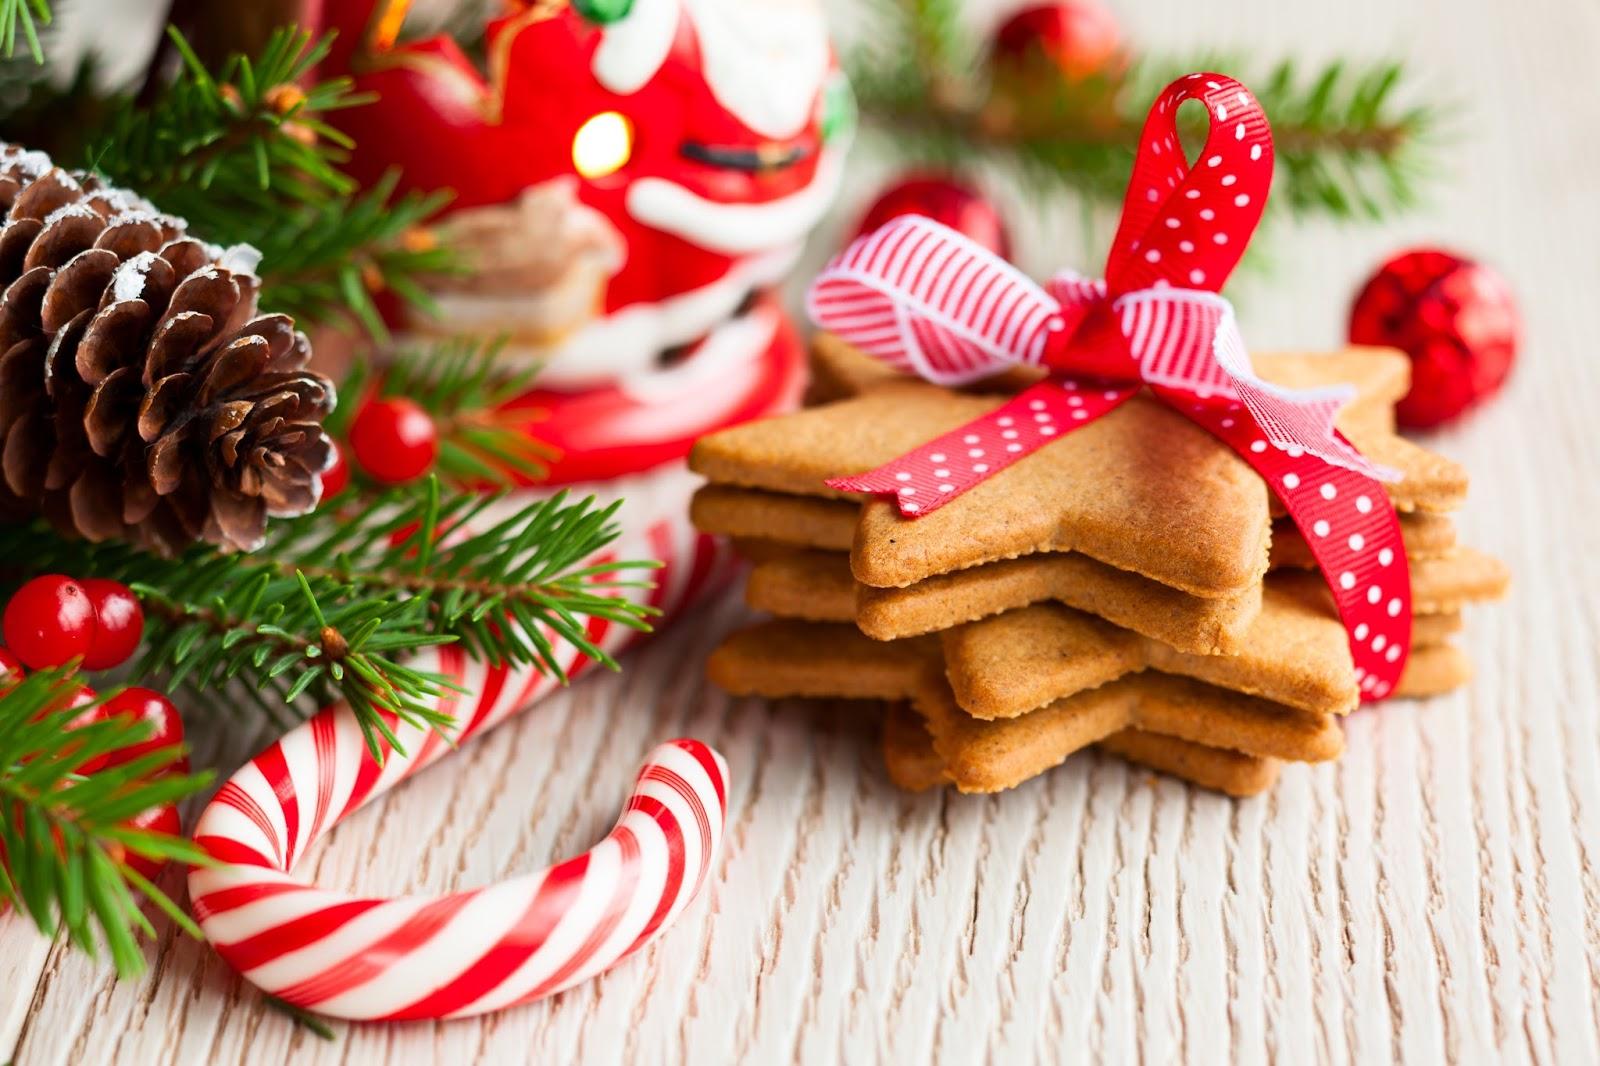 Những chiếc kẹo gậy Giáng sinh được xem là một biểu tượng thiêng liêng